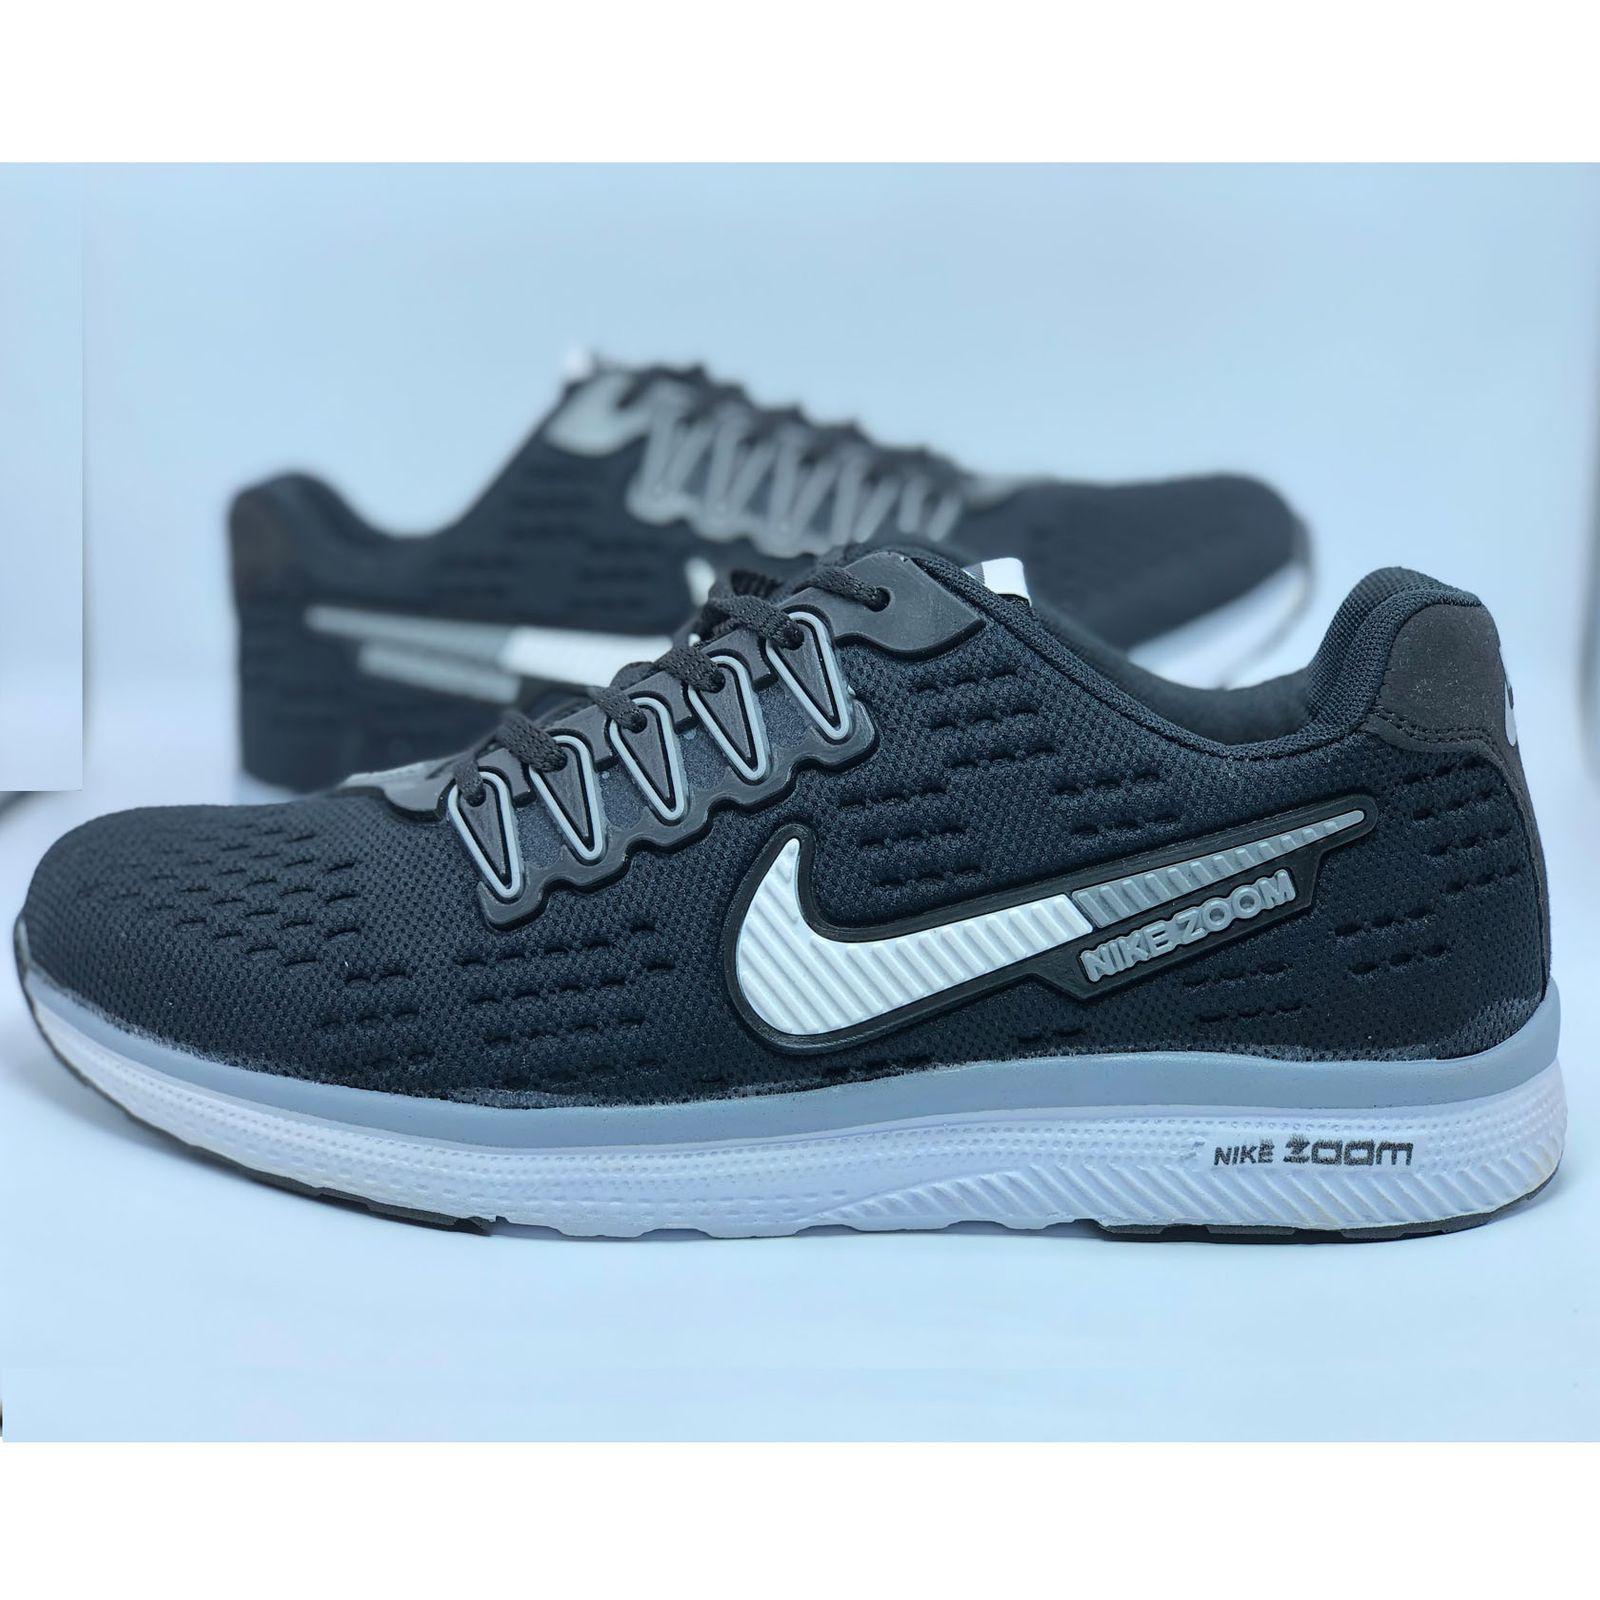 کفش مخصوص پیاده روی مردانه کد nk 200 main 1 2